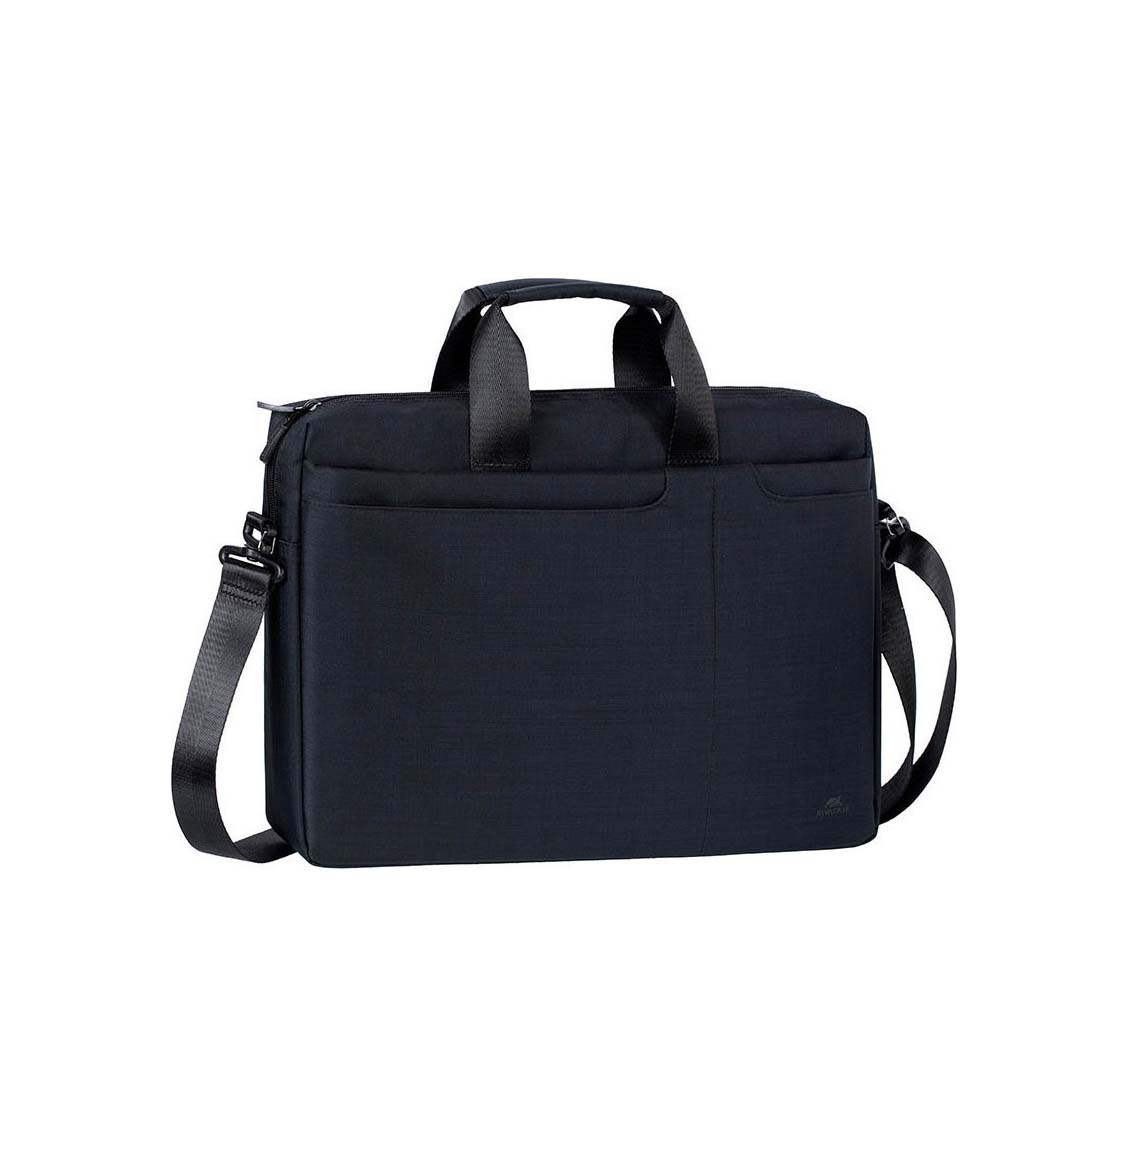 """Rivacase Biscayne 8335 Τσάντα Ώμου / Χειρός για Laptop 15.6"""" Black"""